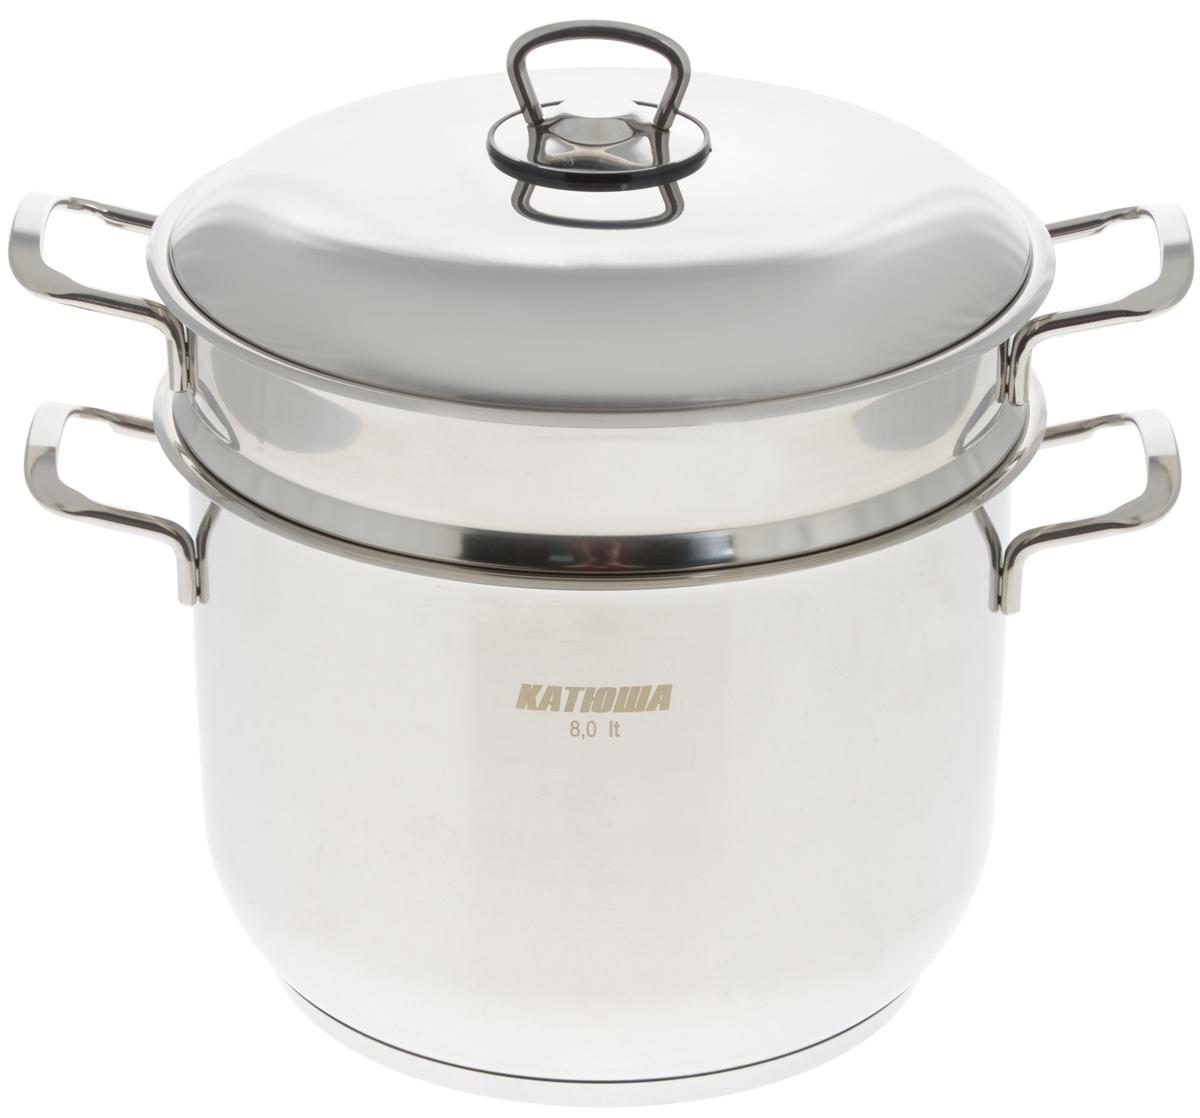 Пароварка  Катюша  с крышкой, 2-уровневая, 8 л - Посуда для приготовления